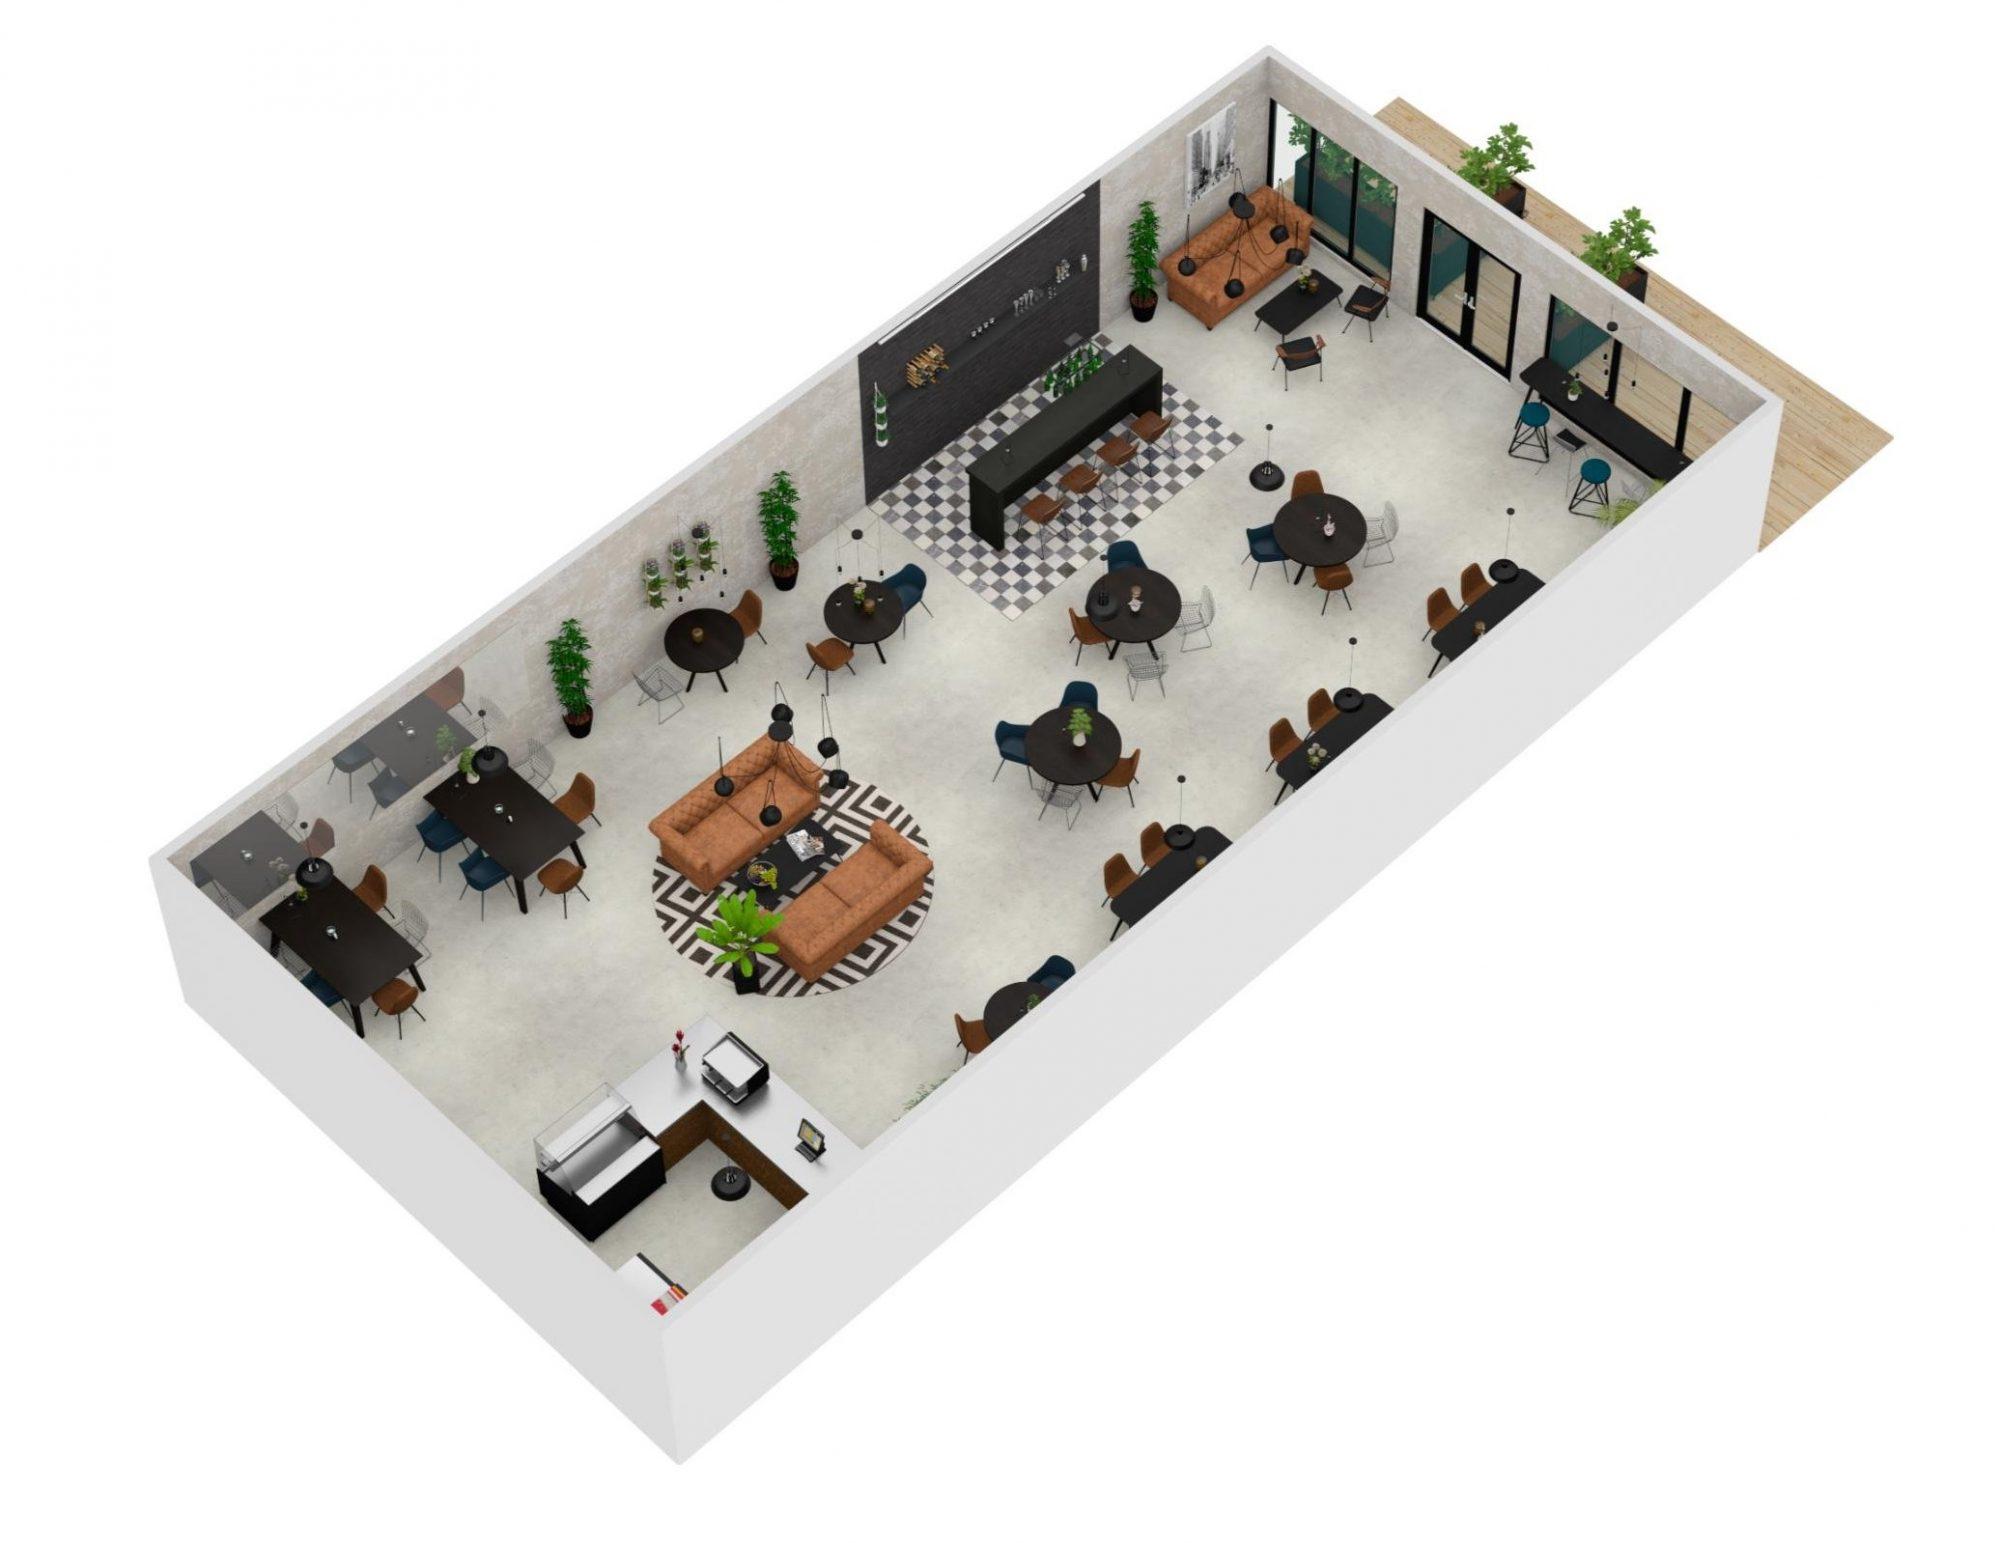 lunchroom-3D-floorplanner-NE-crop